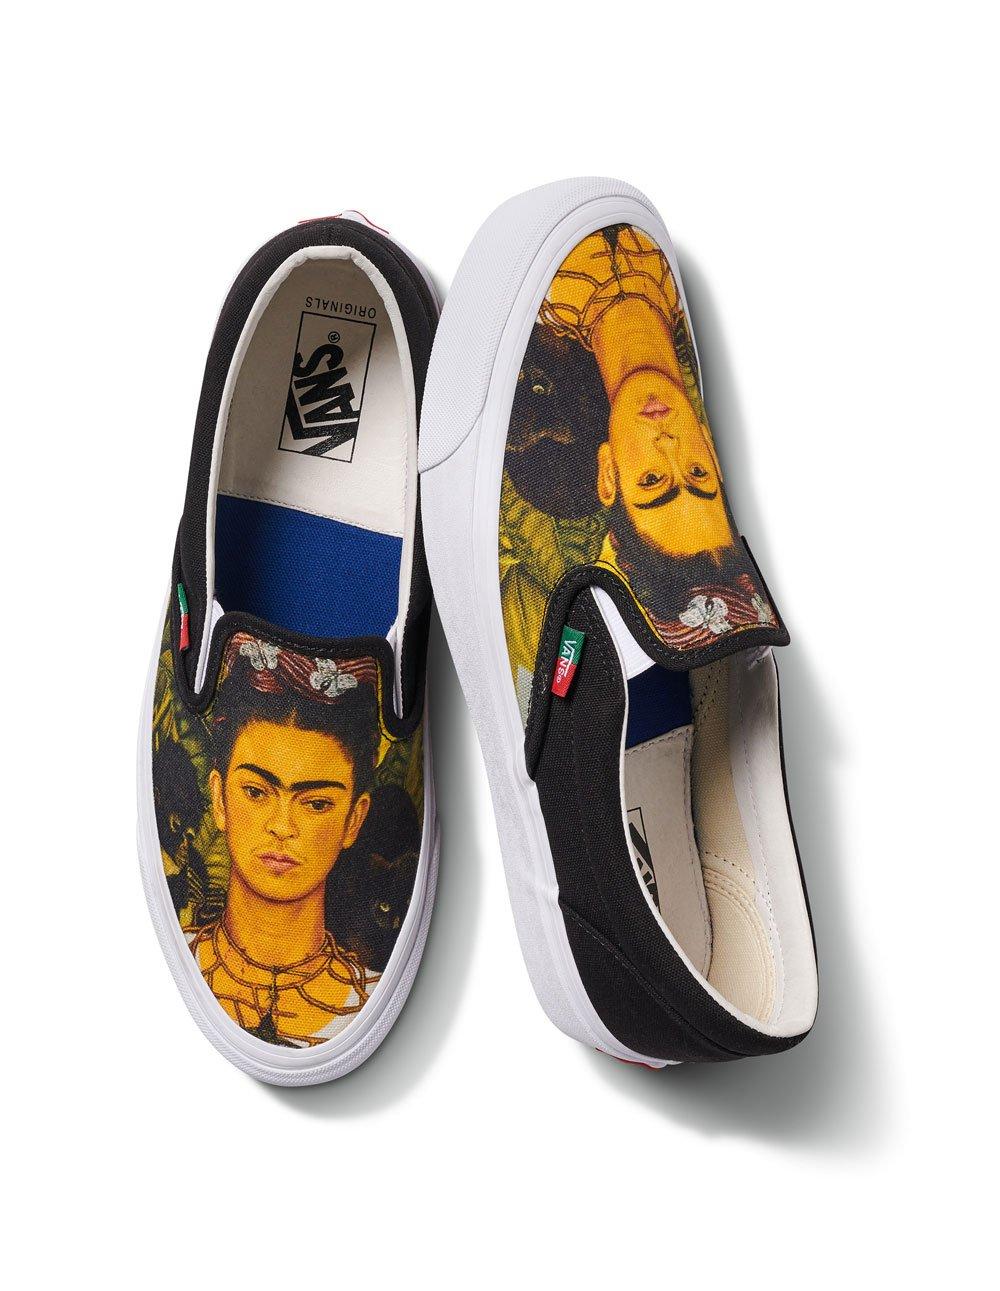 Vans Frida Kahlo